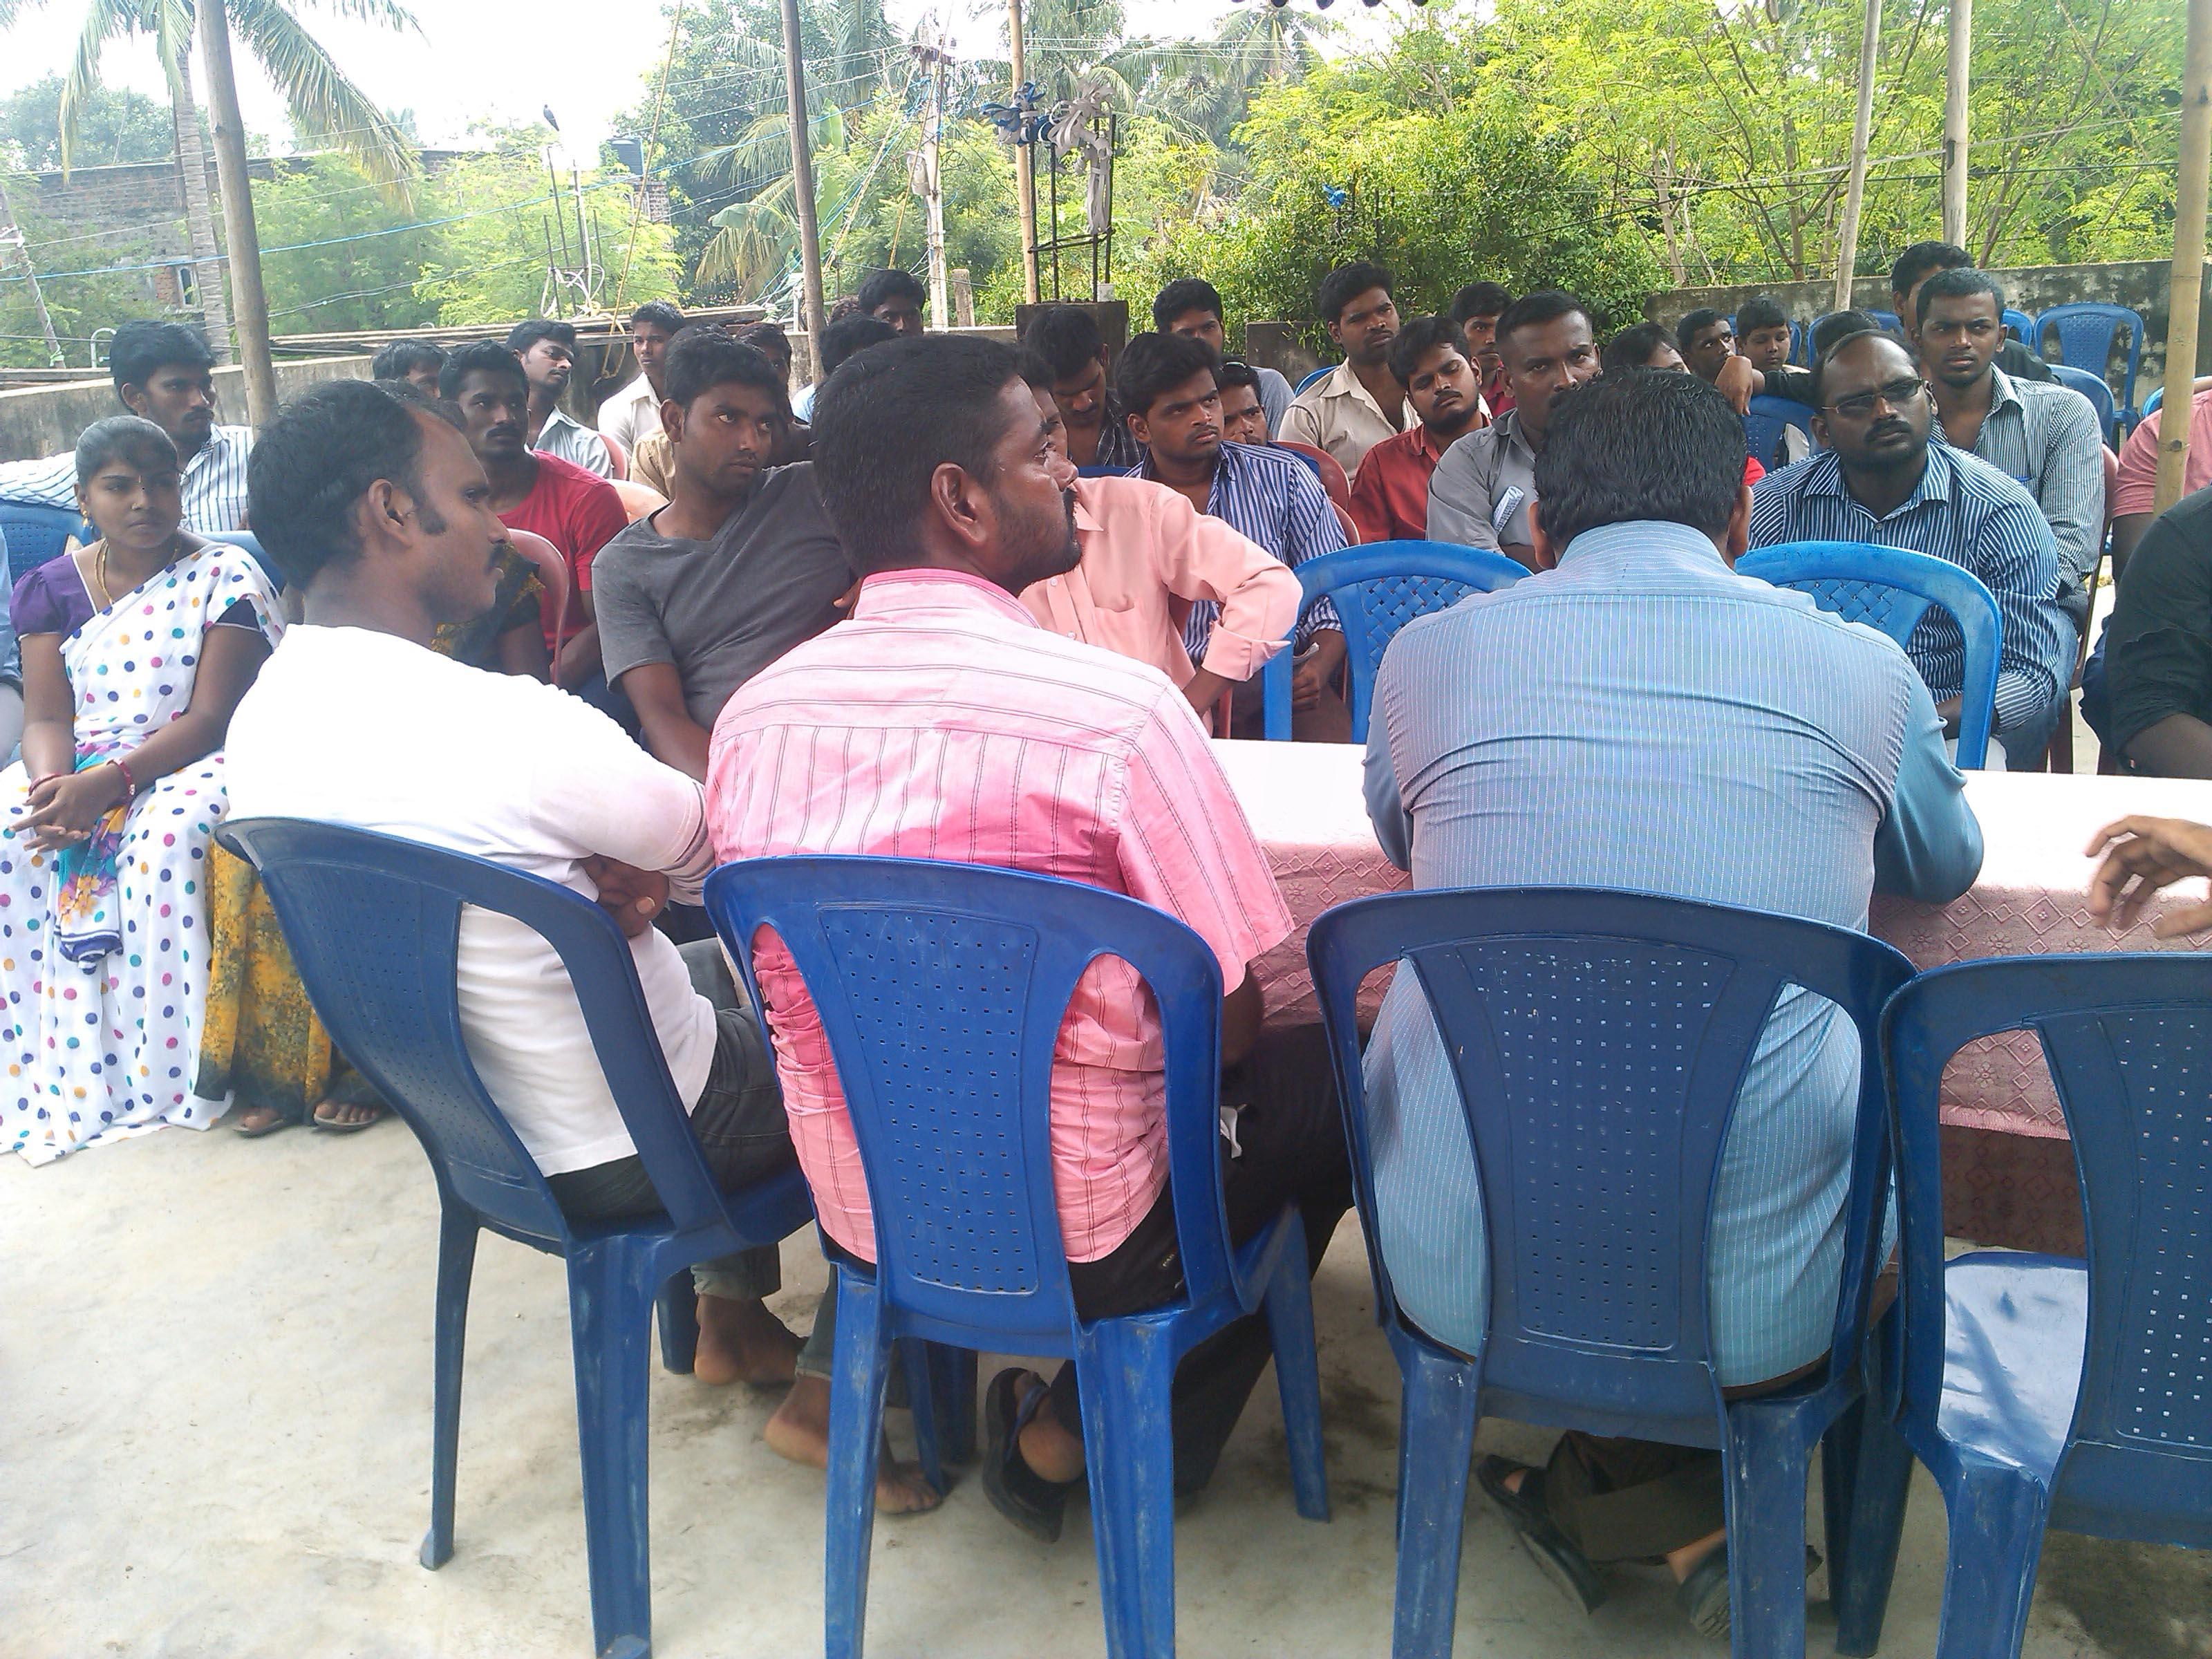 நாம் தமிழர் கட்சின் காஞ்சி மேற்கு மாவட்ட கலந்தாய்வு கூட்டம் நடைபெற்றது. IMG 20131020 125220